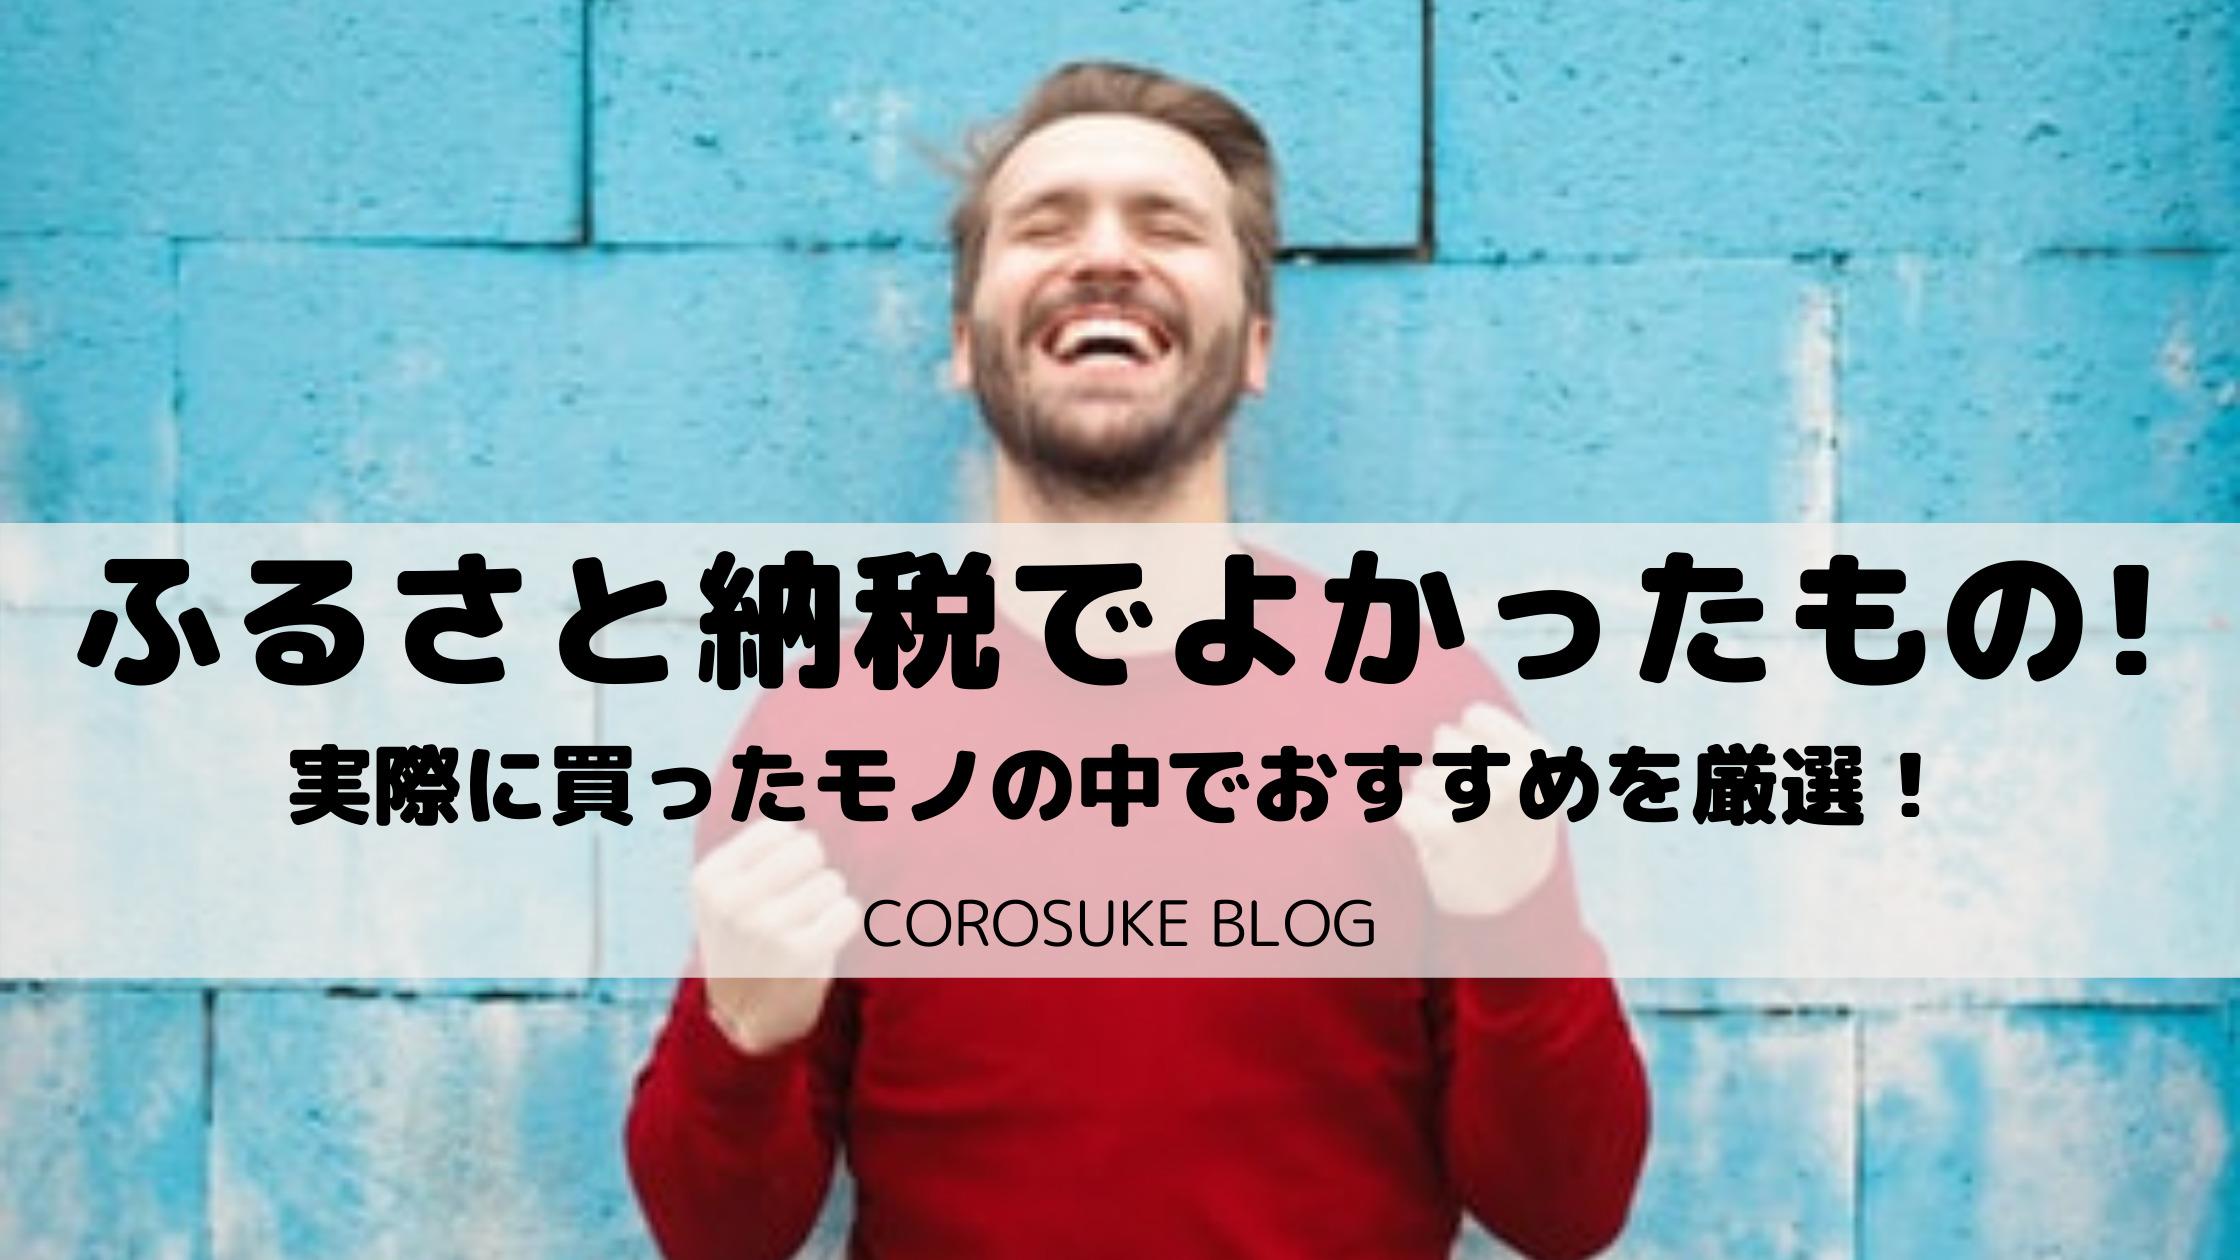 【ブログ】ふるさと納税でよかったもの|おすすめ10選!